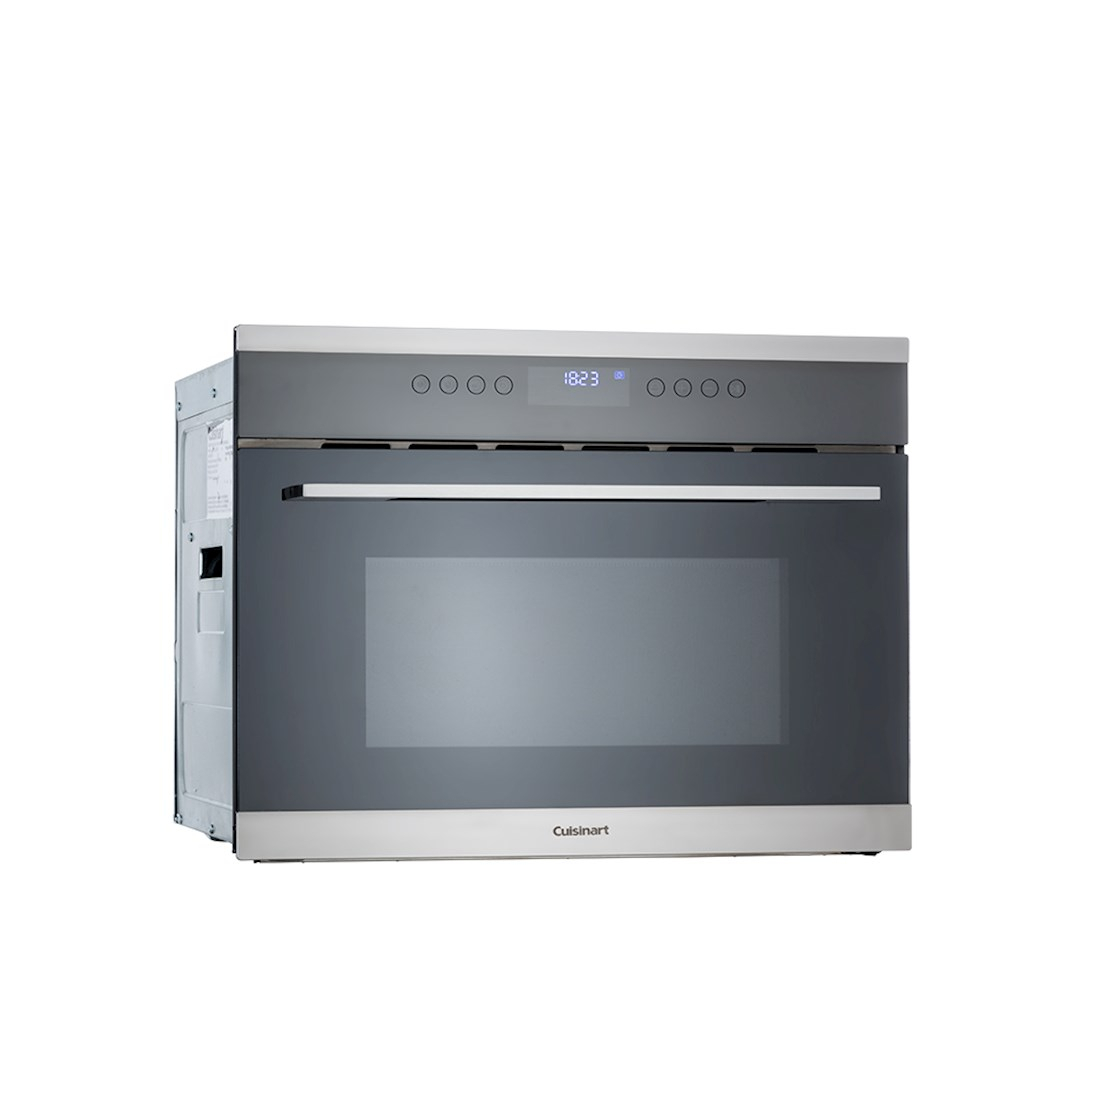 Forno Micro-ondas e Grill Elétrico Cuisinart Prime Cooking 60cm 8 funções 35 Litros 220V